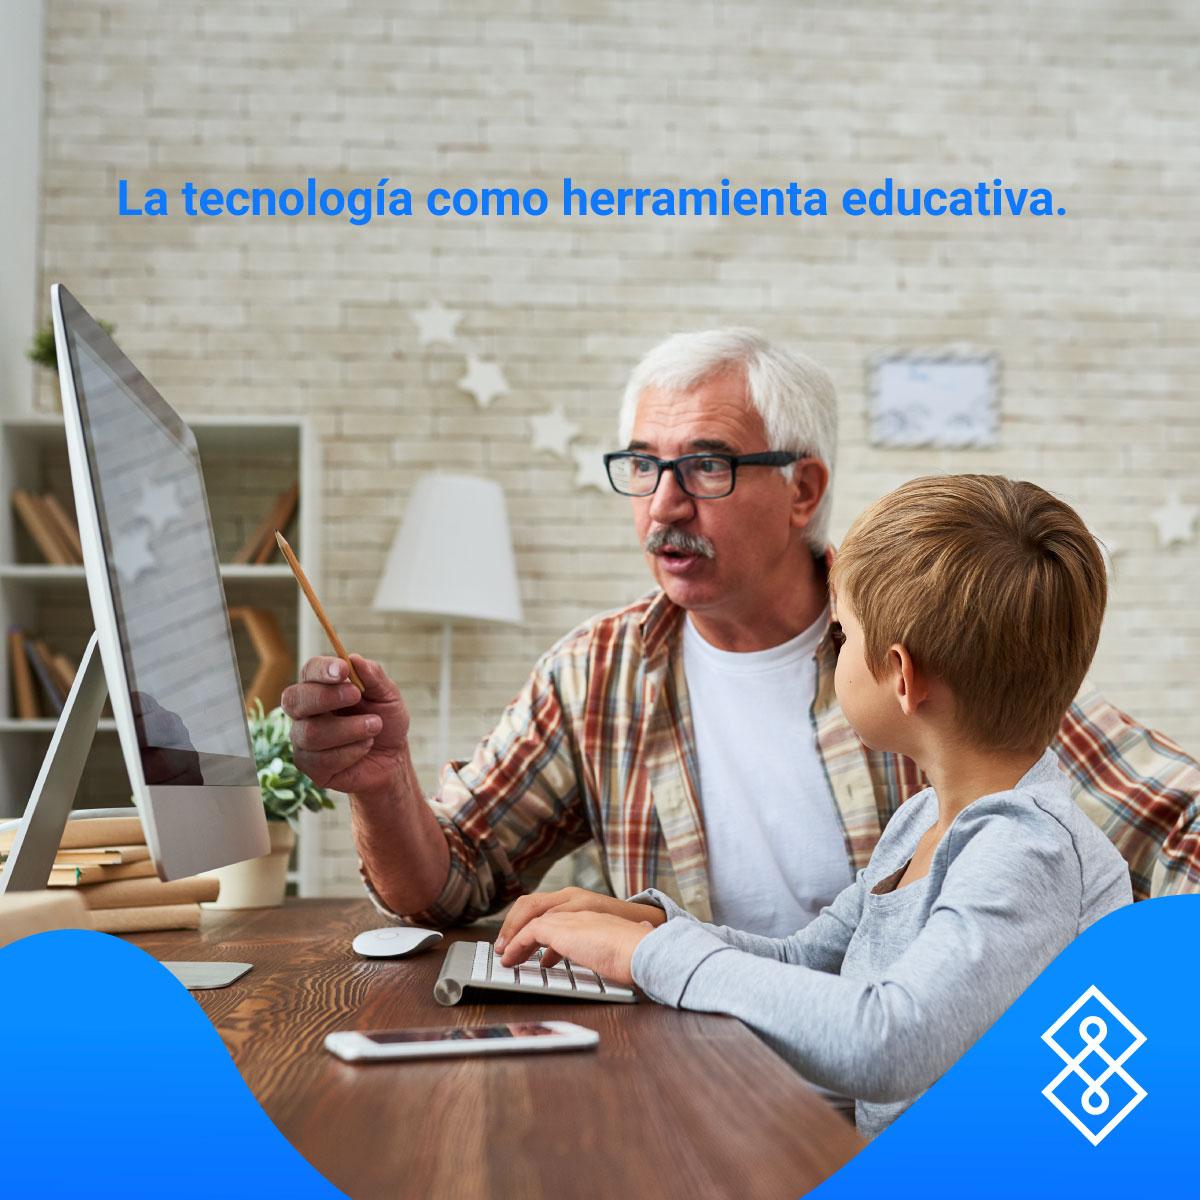 #Unio aconseja: Usa la tecnología como una herramienta para completar la educación de tus hijos.  - ¡No olvides ver todo lo que la red tiene por aportar! 📲👨👩👧👦 https://t.co/3wVCBGJ8xl